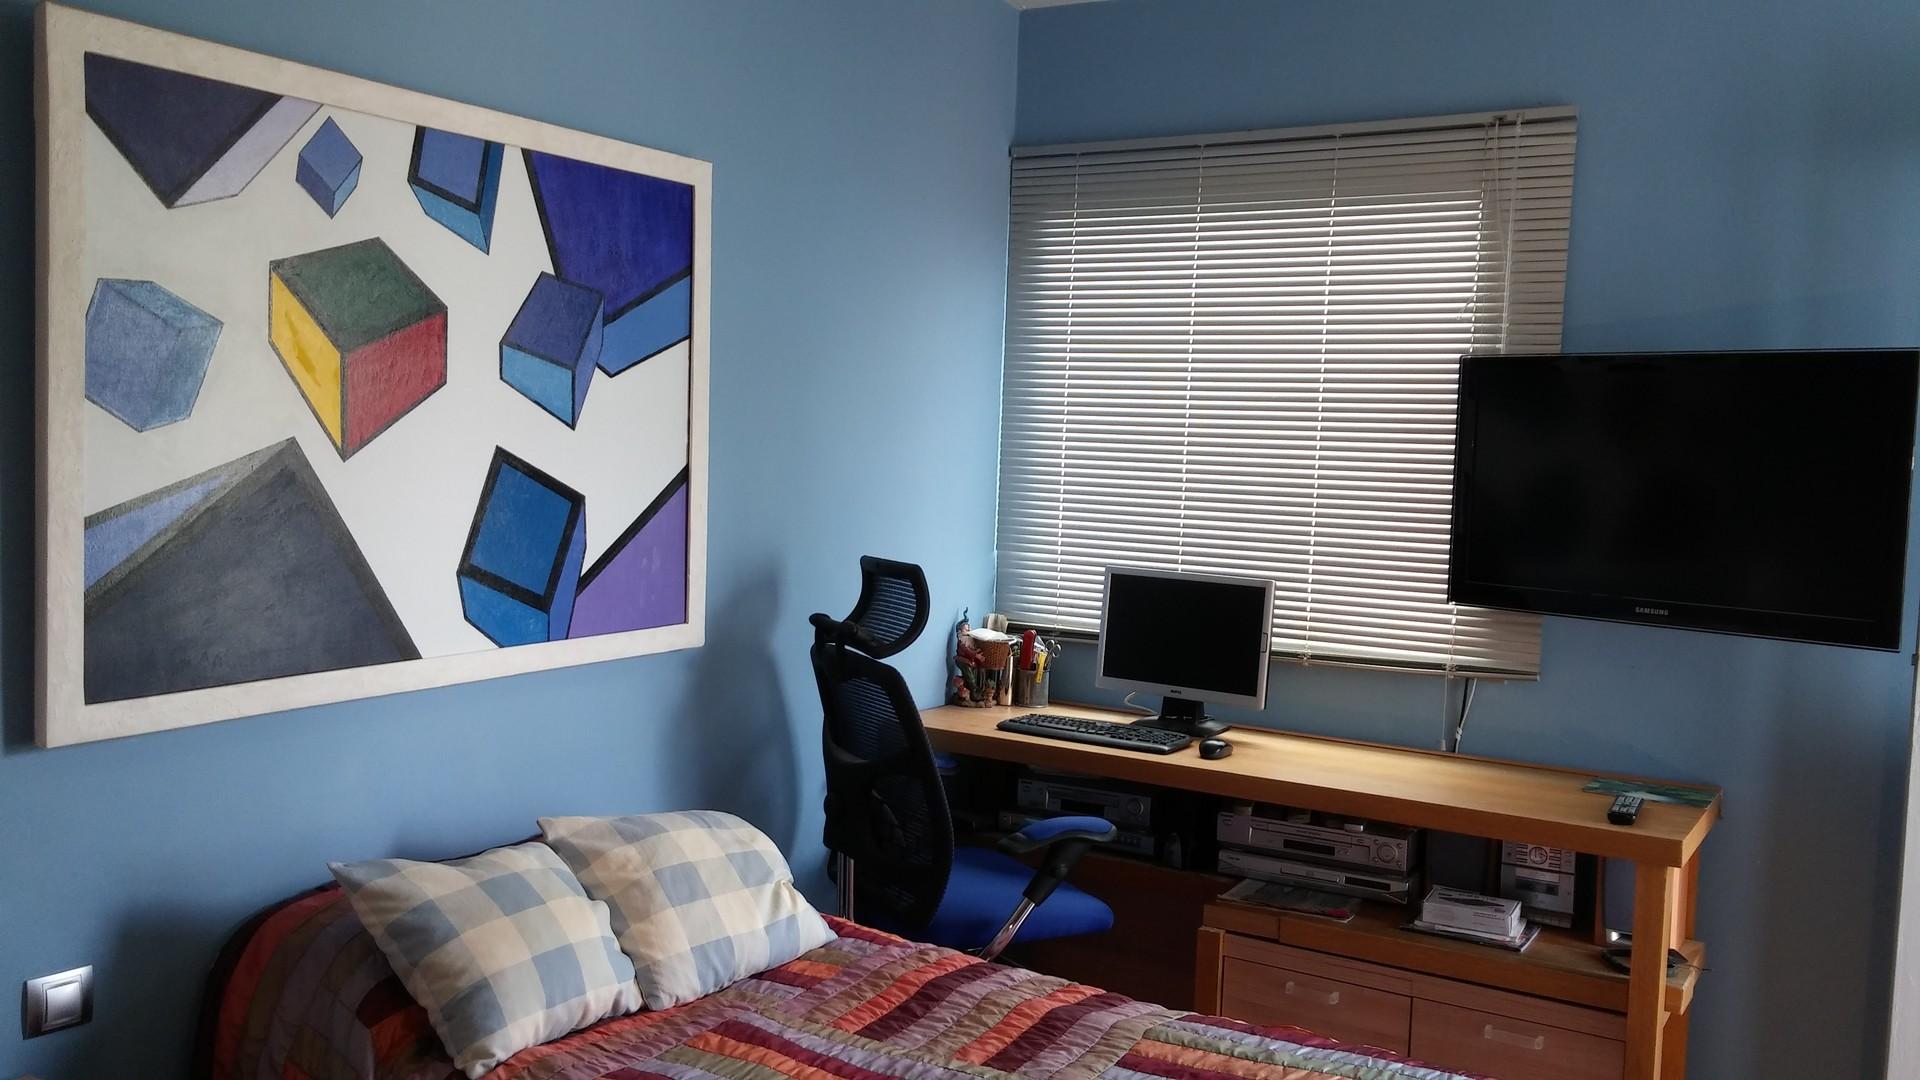 Alquilo 2 habitaciones en piso compartido alquiler Alquiler de habitacion en piso compartido